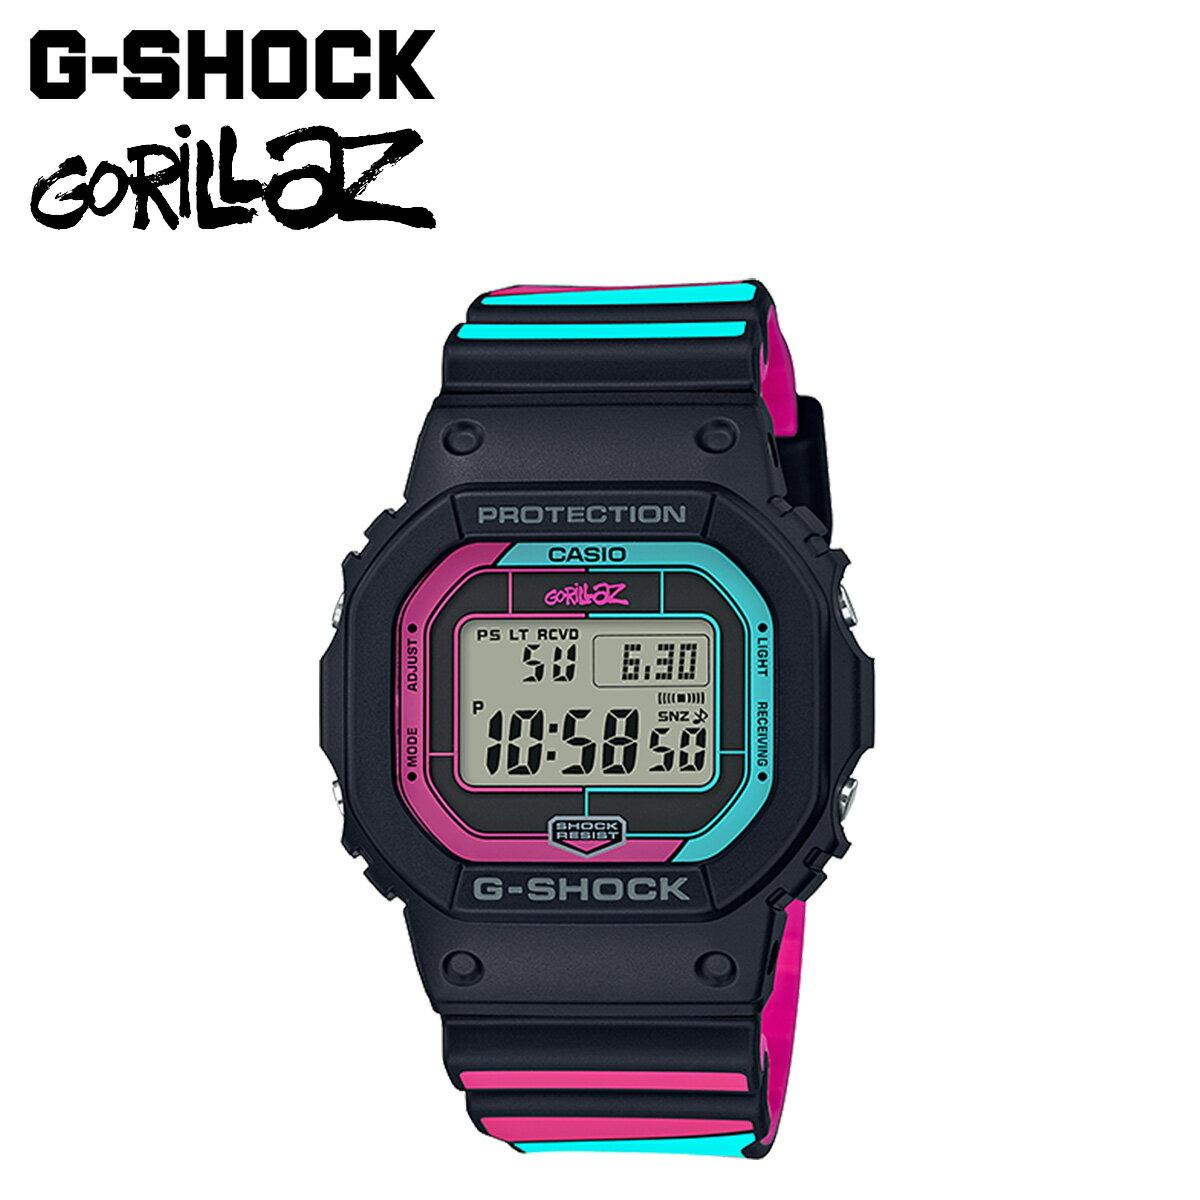 腕時計, 男女兼用腕時計 600OFF CASIO G-SHOCK Gorillaz GW-B5600GZ-1JR G G-